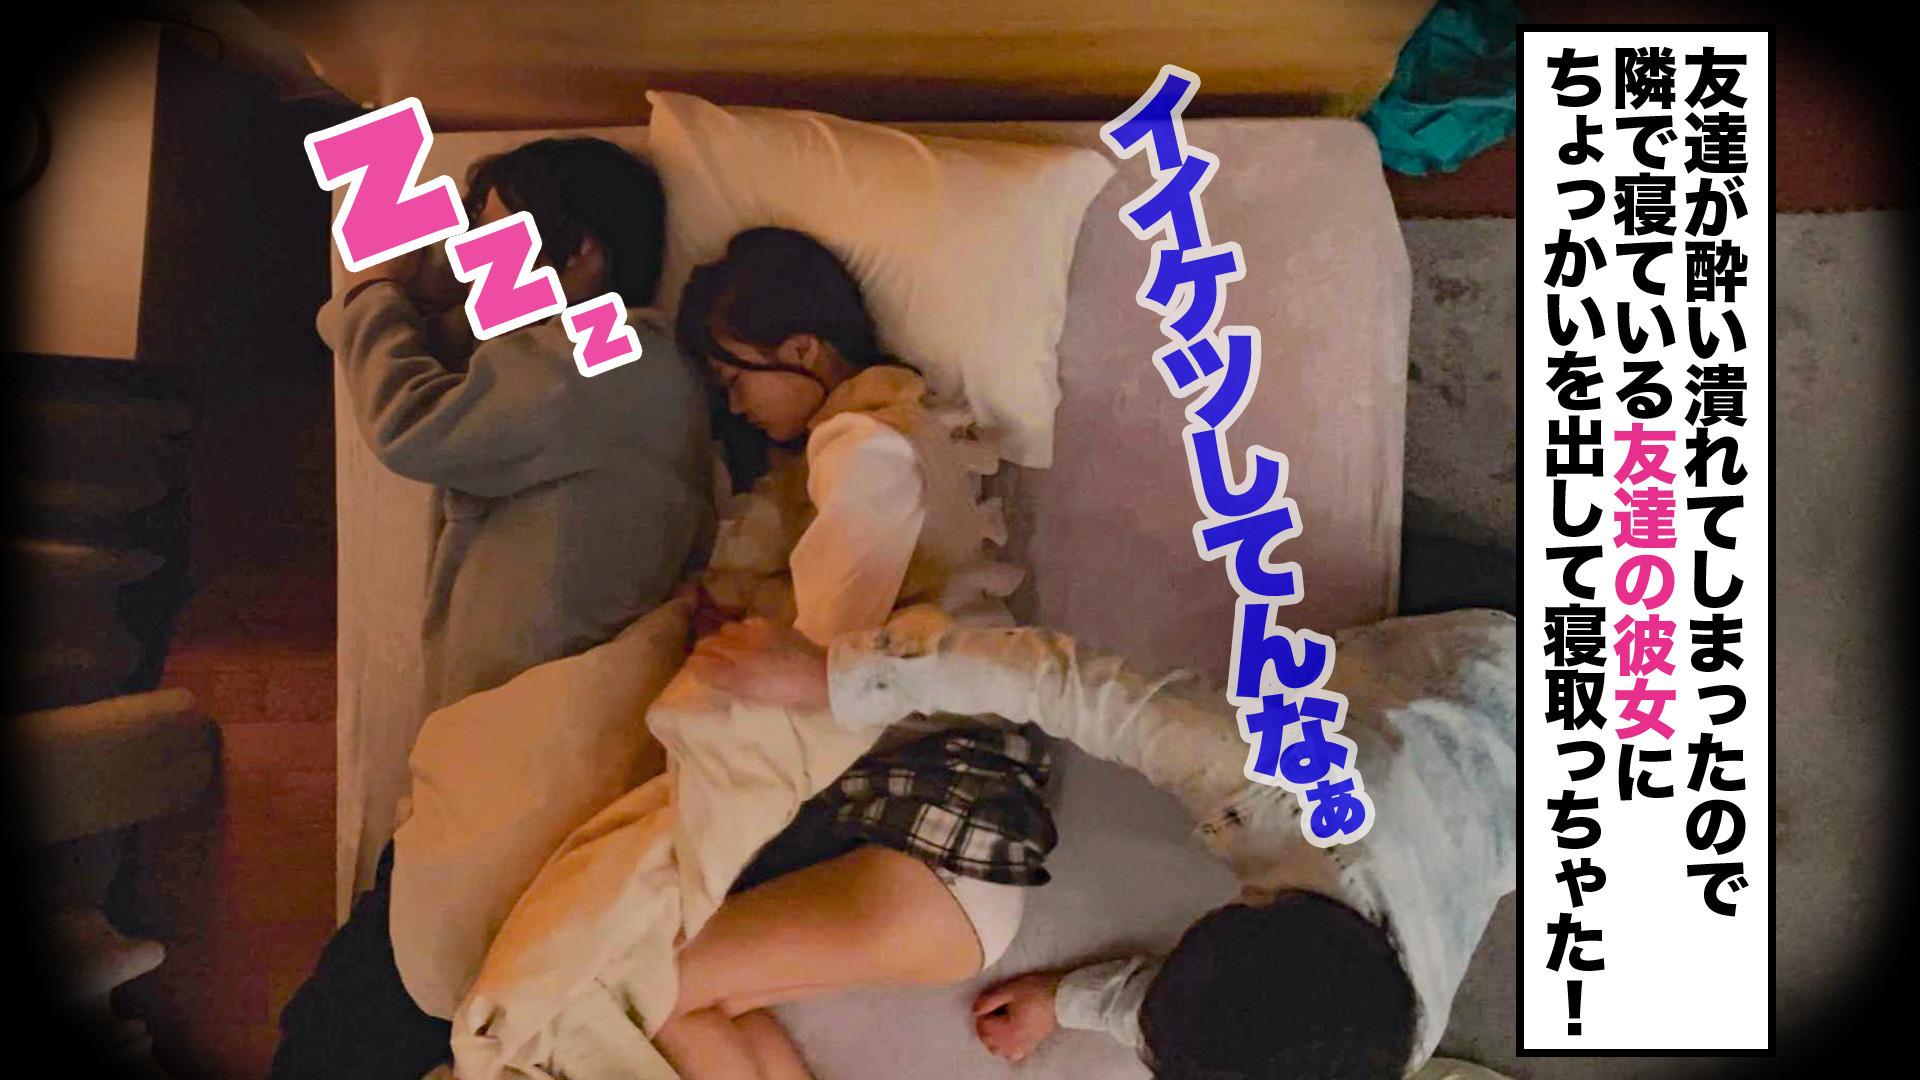 【NTR】ベビーフェイスの色っぽボディを彼氏の目の前で寝取る・・・宅飲みで酔い潰れて雑魚寝してしまった友達とその彼女【盗撮】